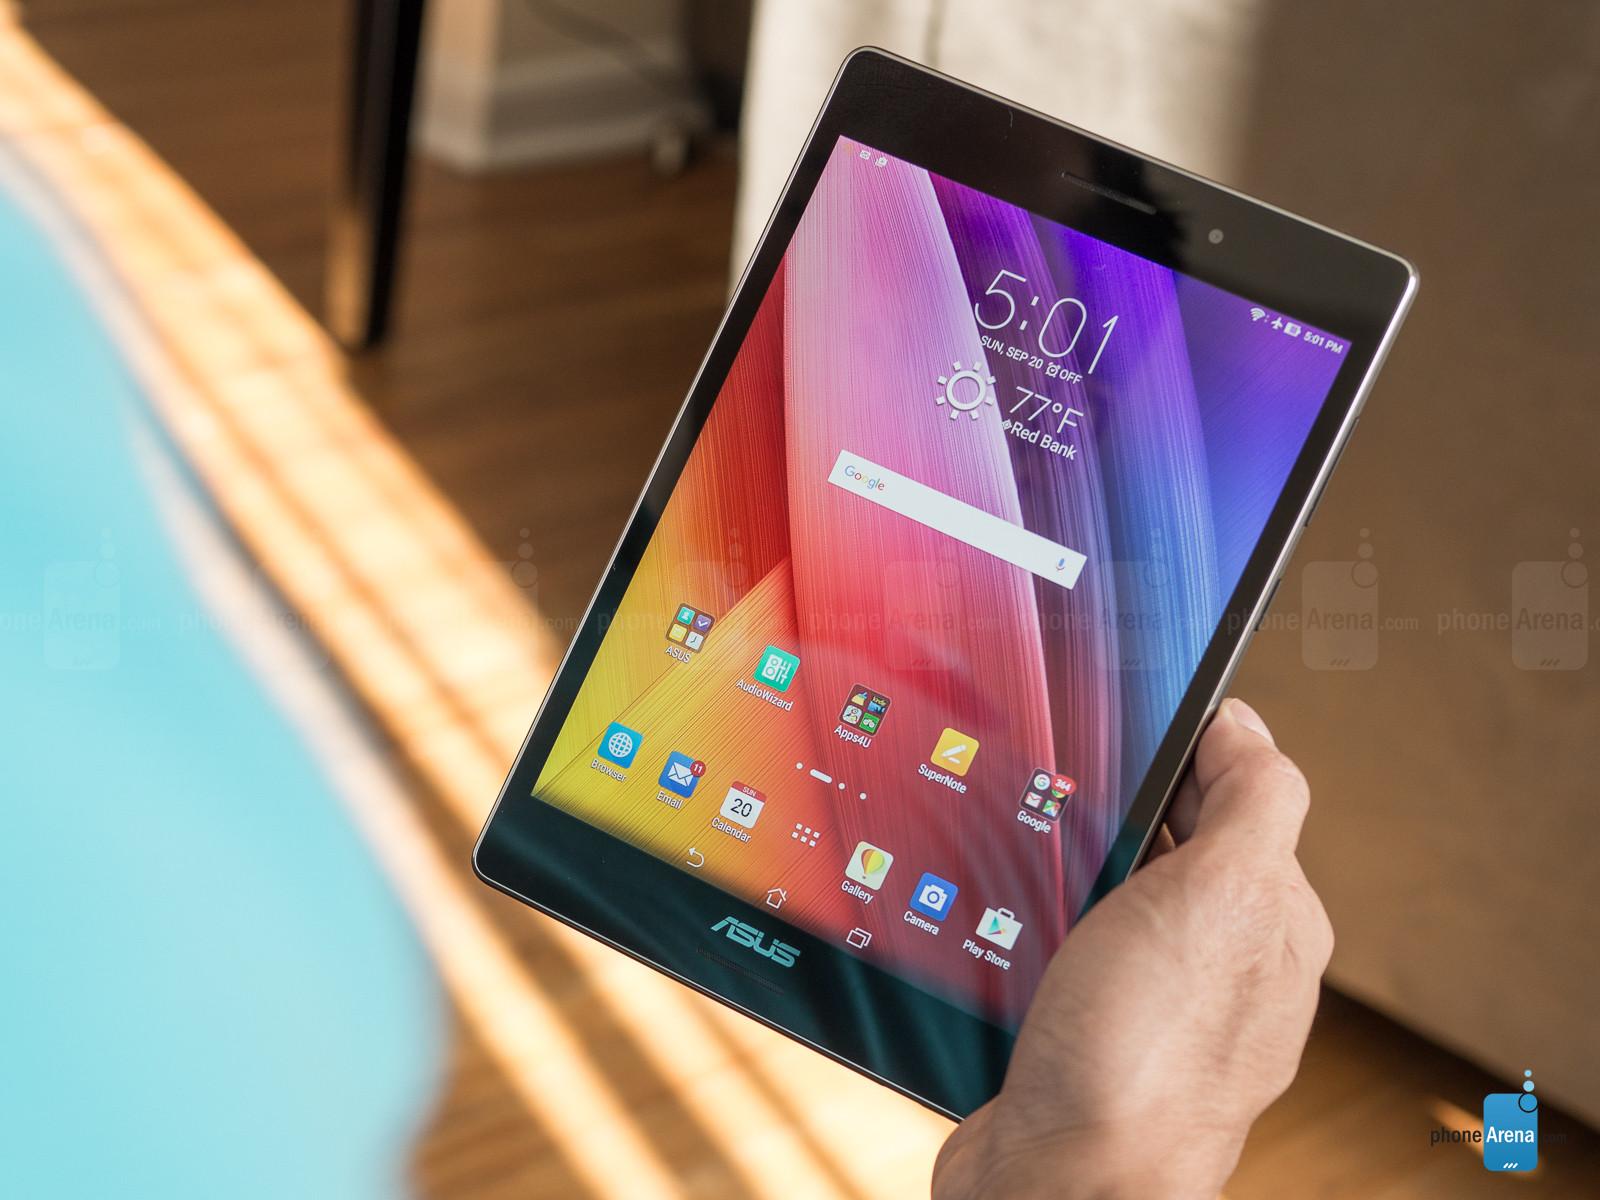 Asus ZenPad S 8.0 ulasan